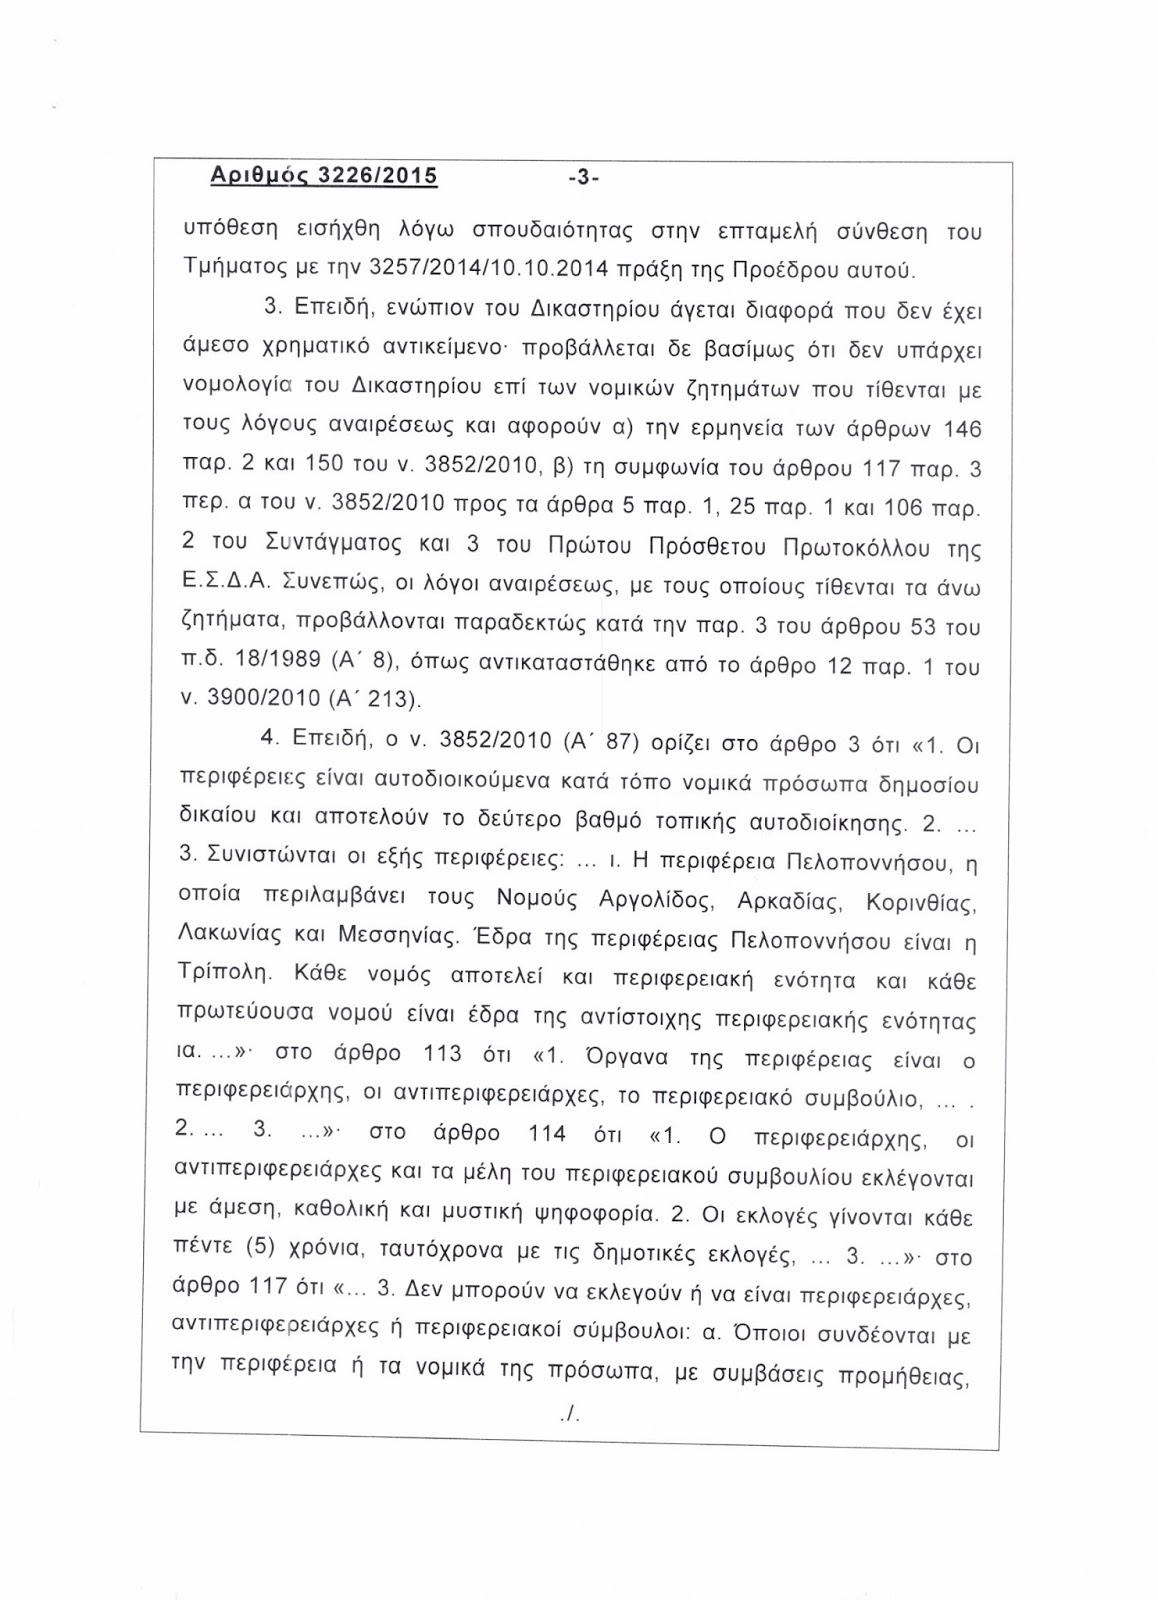 Ὁλόκληρη ἡ ἀπόφασις τοῦ ΣτΕ γιὰ τὸν Γιαννακόπουλο3